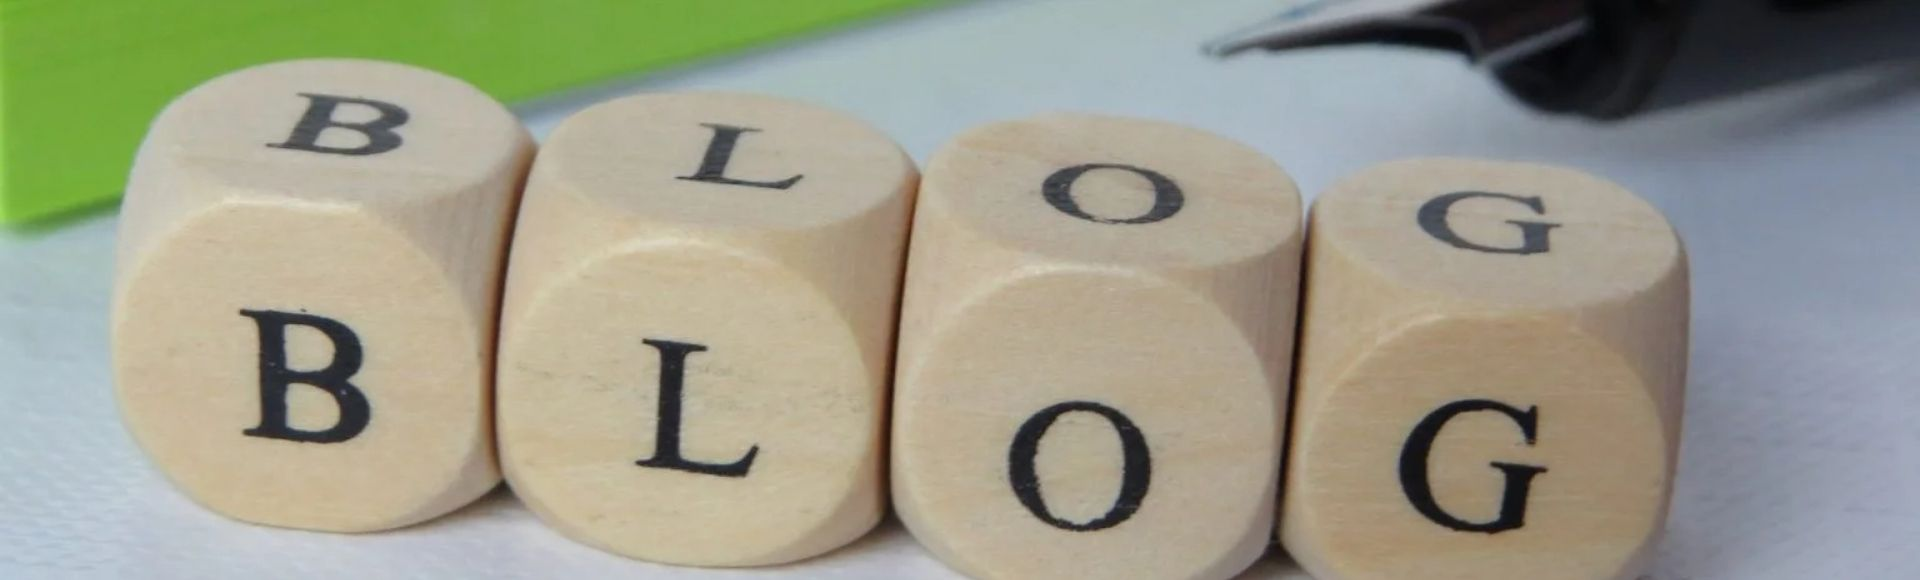 firmowy blog porady cele zalety przykłady